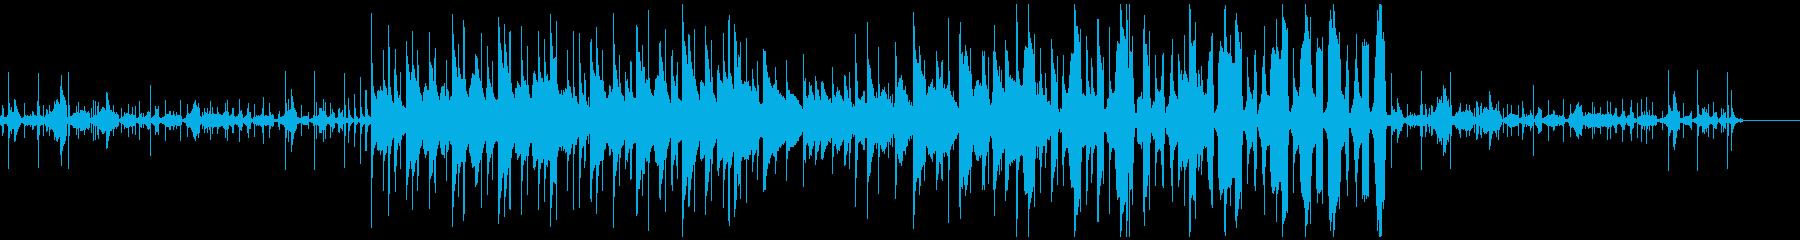 ちょっぴり切ないLo-Fi beatsの再生済みの波形